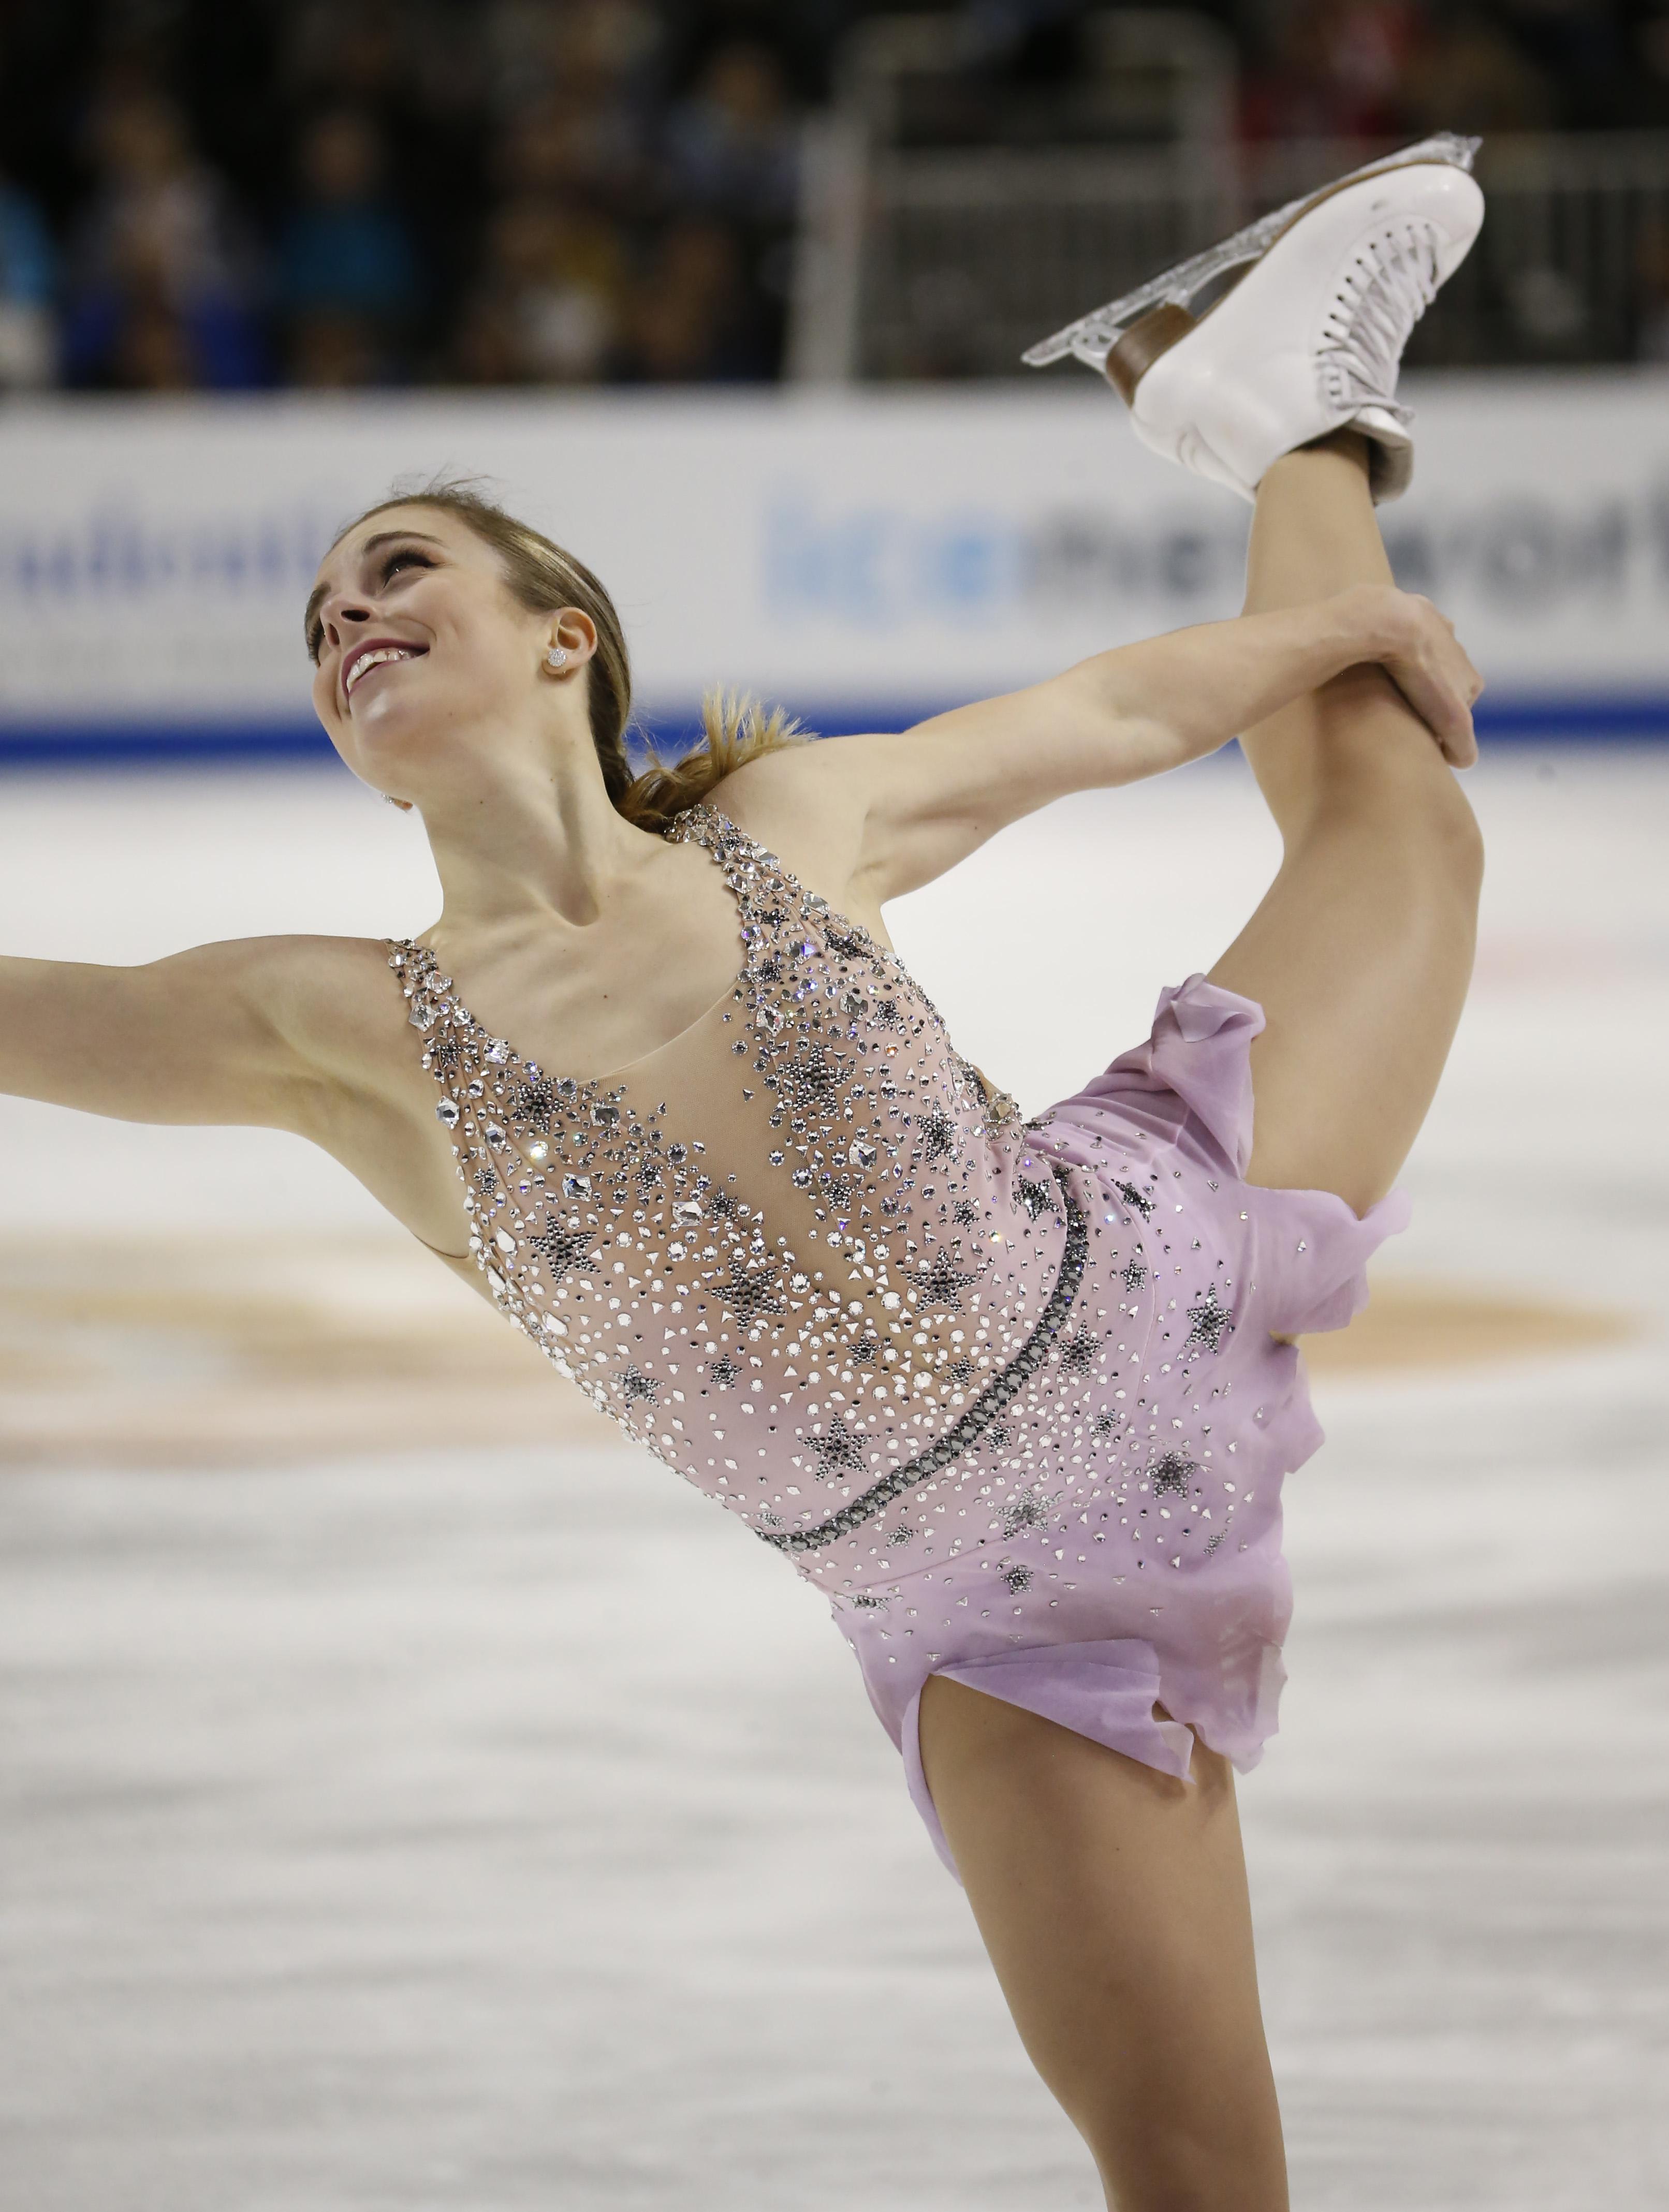 Ashley Wagner rips judges at U.S. Skating Championships